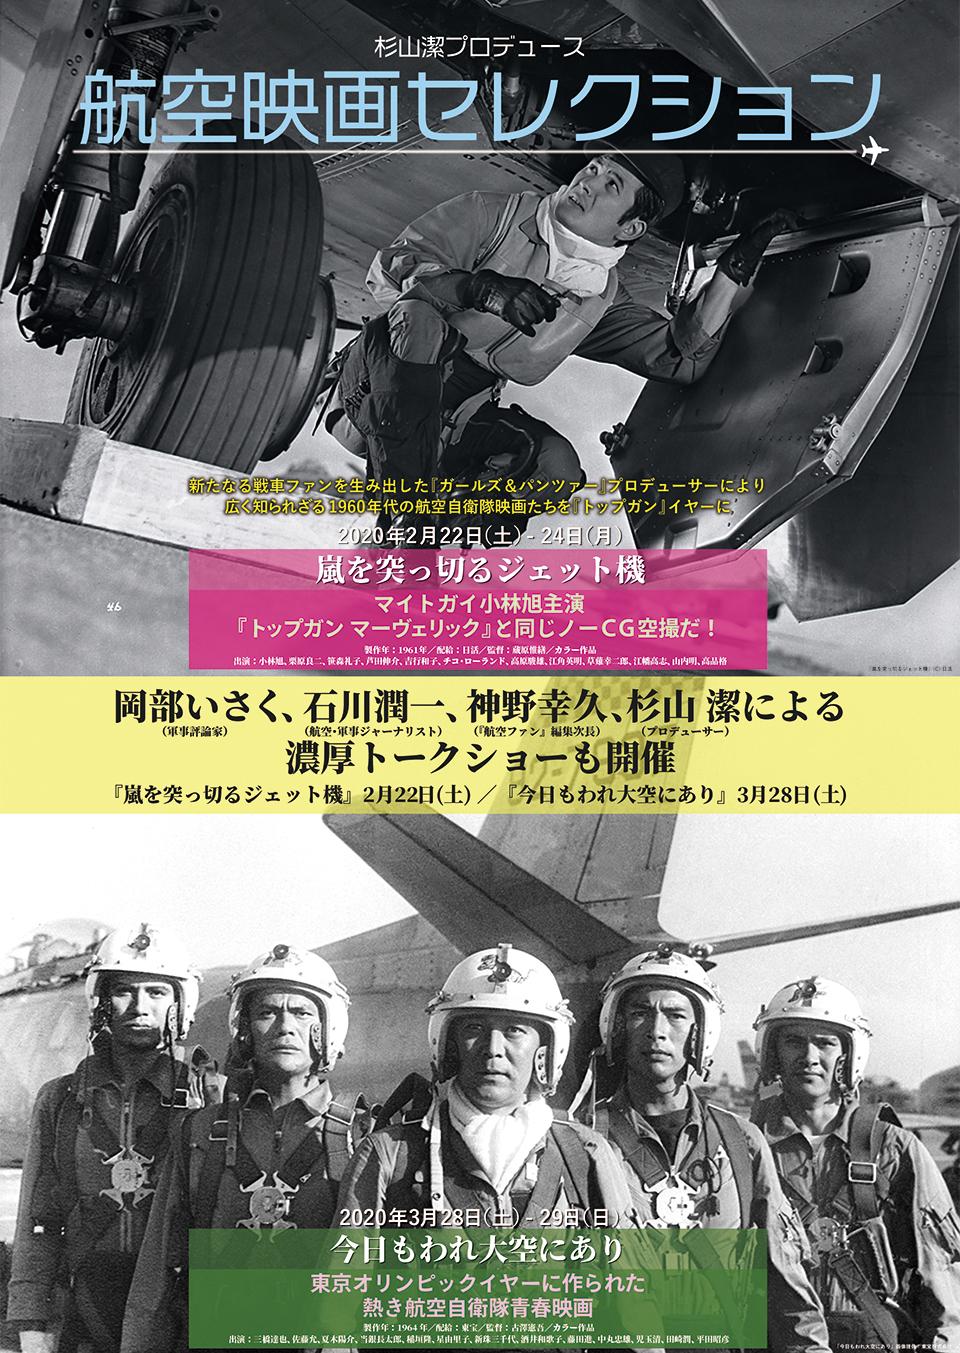 『トップガン』イヤーに贈る、杉山P企画協力「航空映画セレクション」開催。2/22(土)-24(月)『嵐を突っ切るジェット機』3/28(土)-29(日)『今日もわれ大空にあり』濃厚トークショーも。